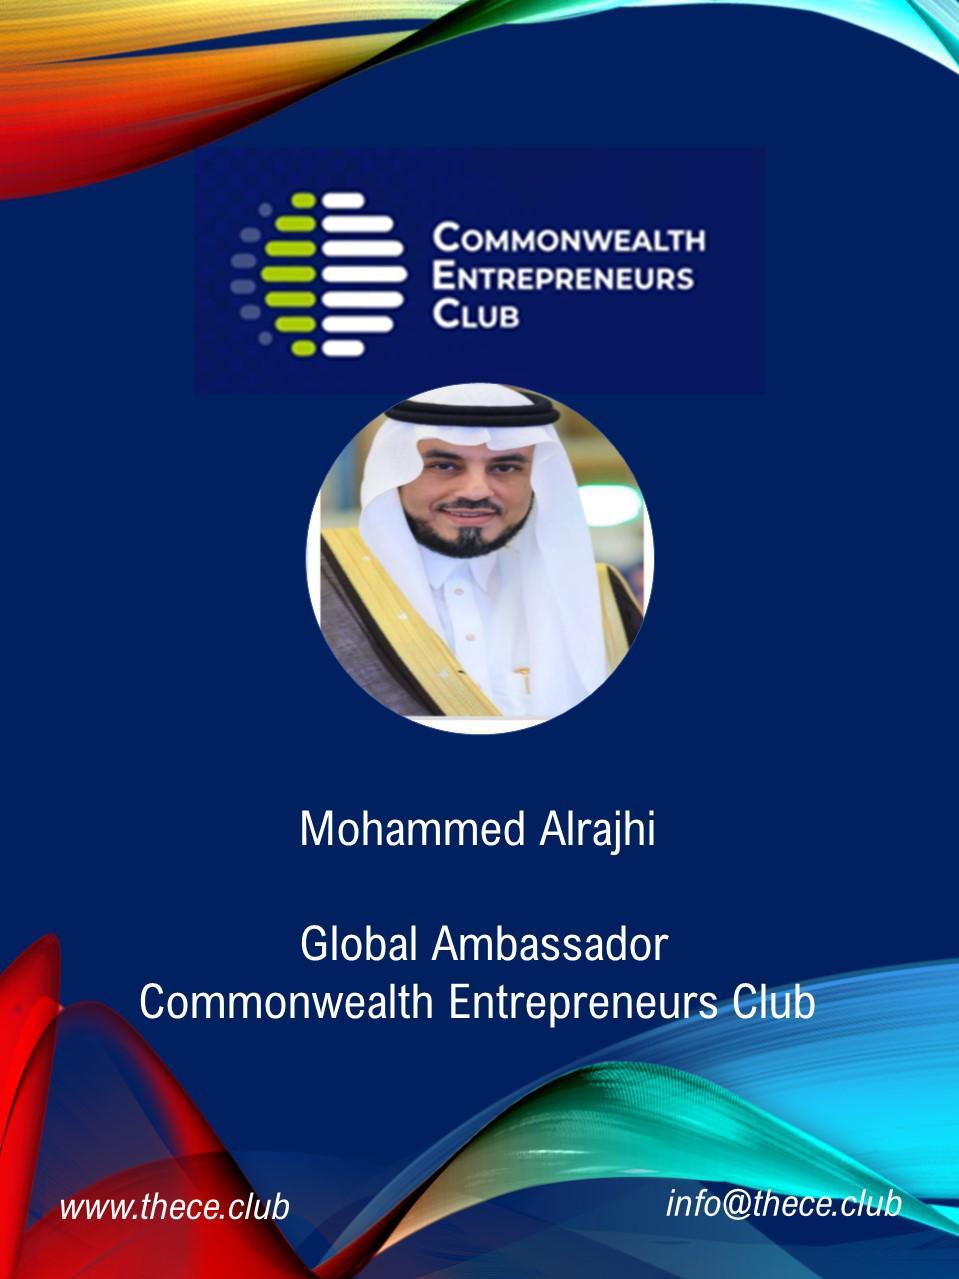 """نادي الكومنولث العالمي يعين الدكتور الشريف محمد الراجحي """"سفير عالمي لريادة الاستثمار والاعمال"""" في اليوم الوطني السعودي 91 ."""